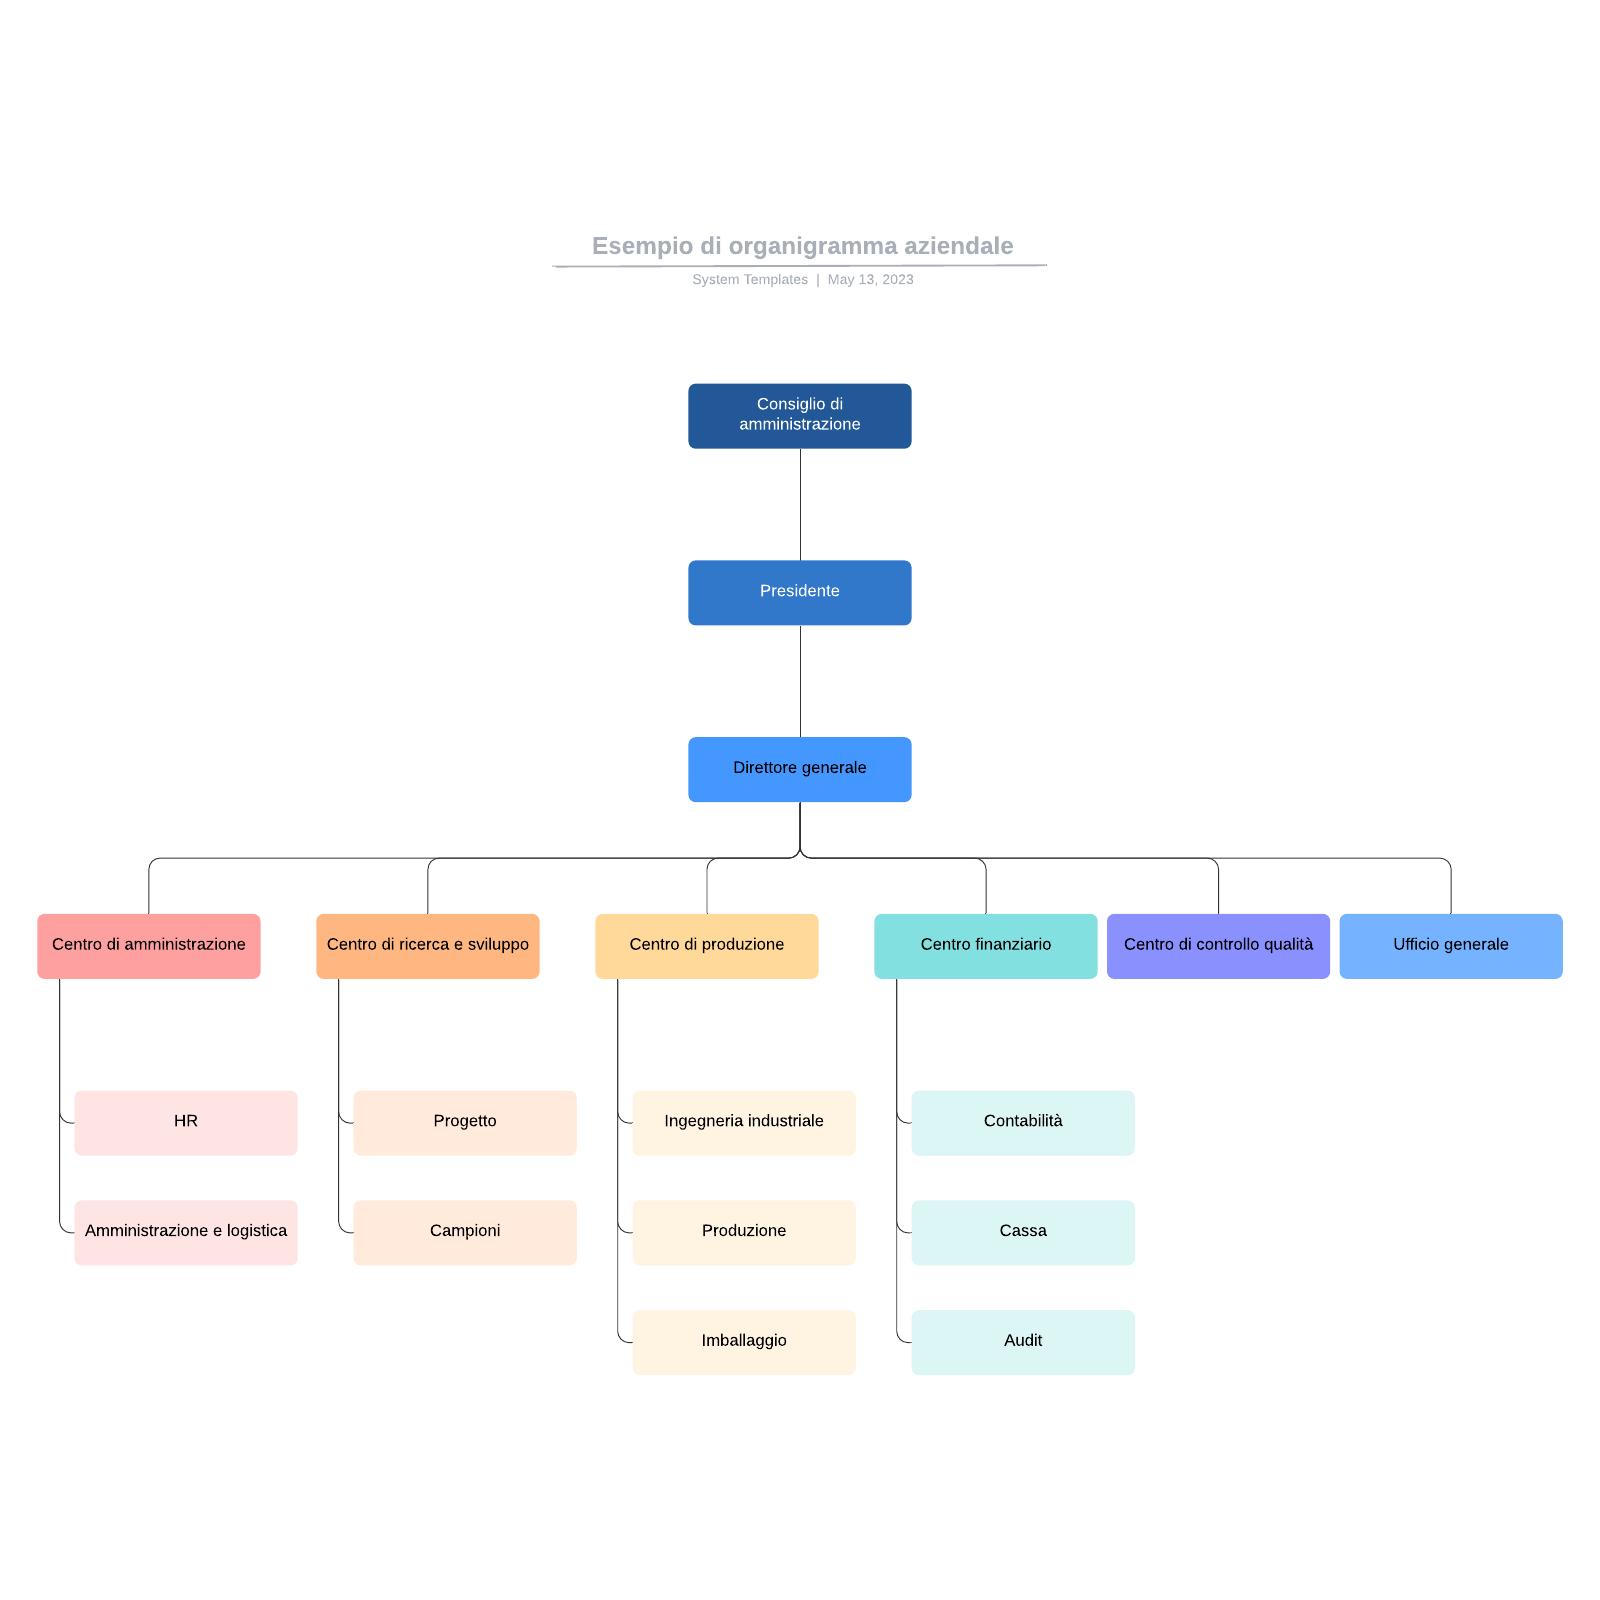 Esempio di organigramma aziendale